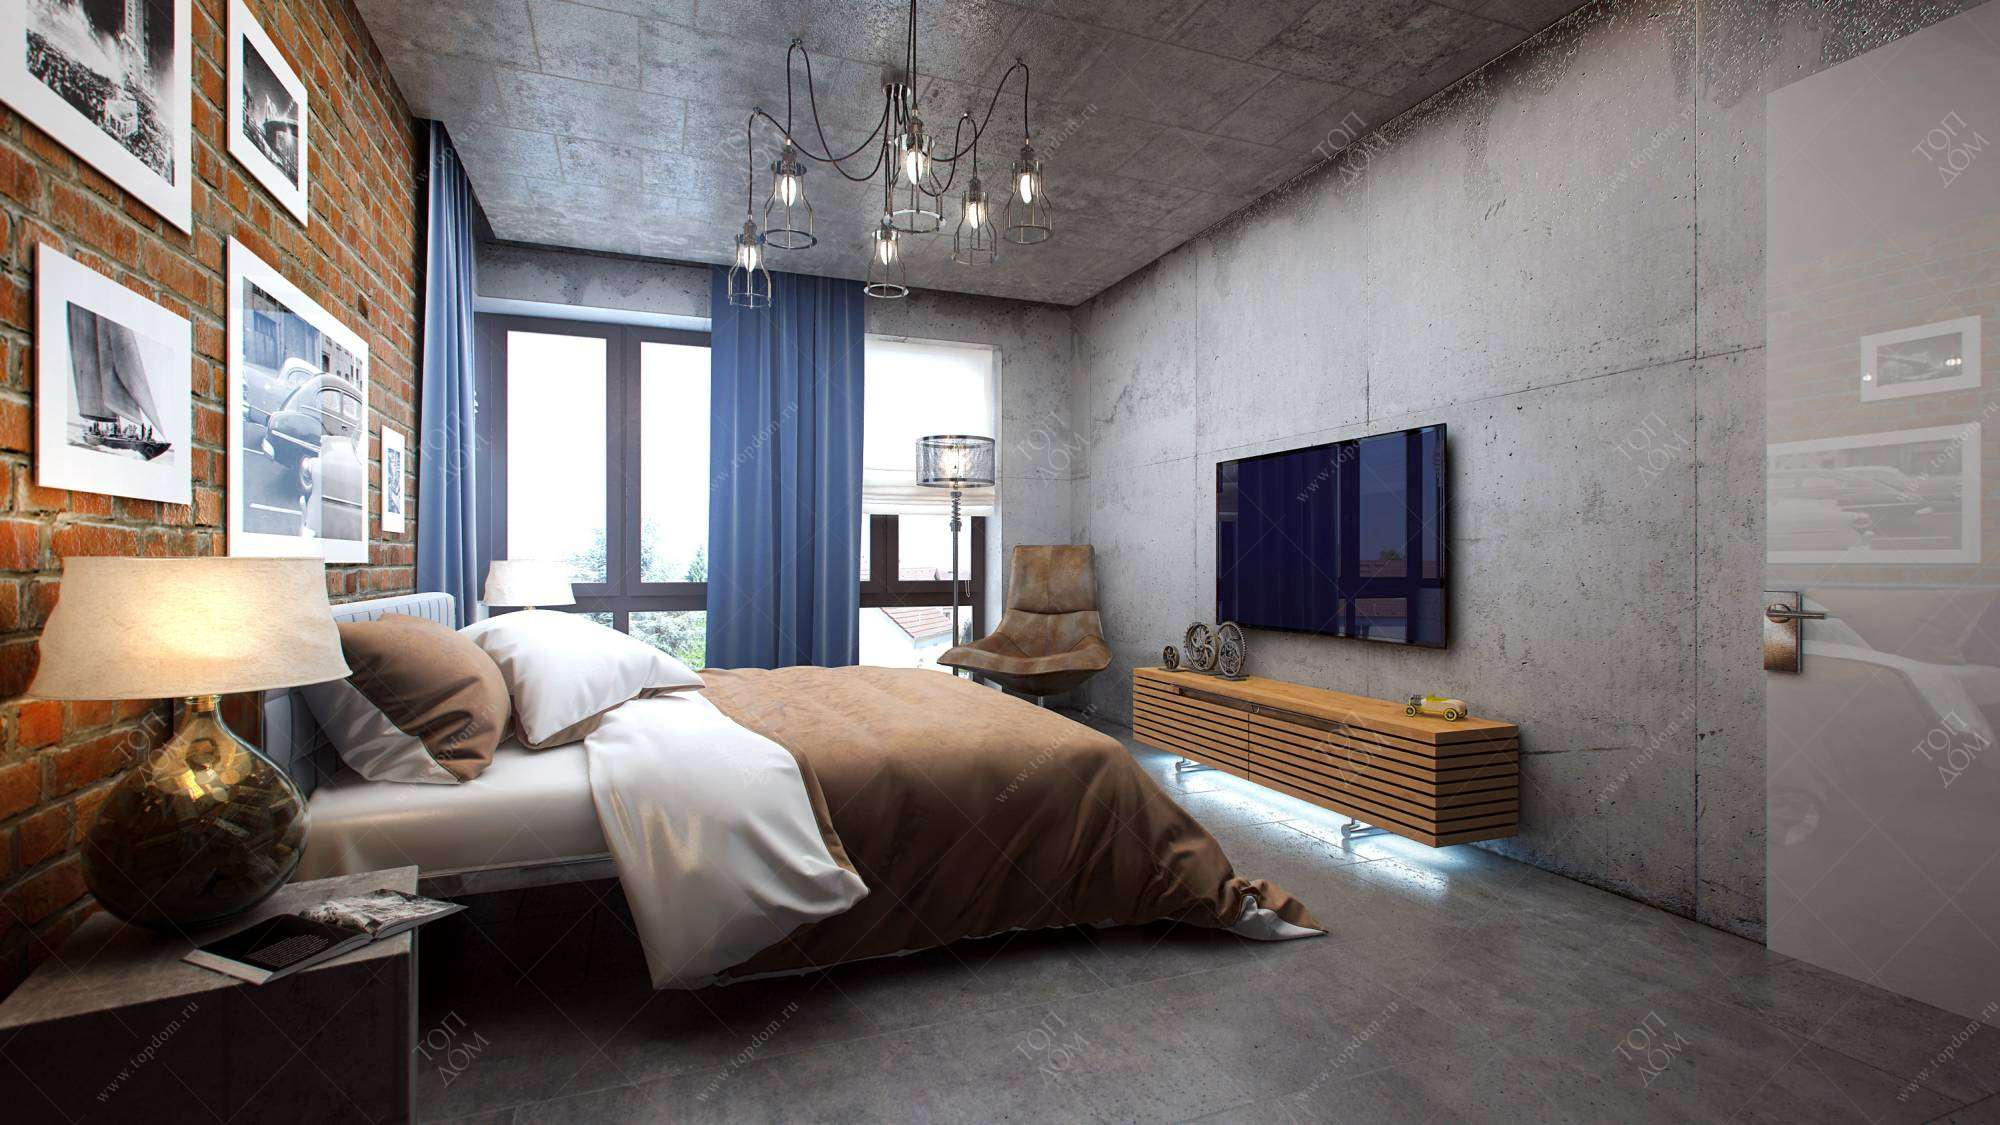 Дизайн спальни в стиле лофт – фото: https://www.topdom.ru/gallery/flats/81/8.htm